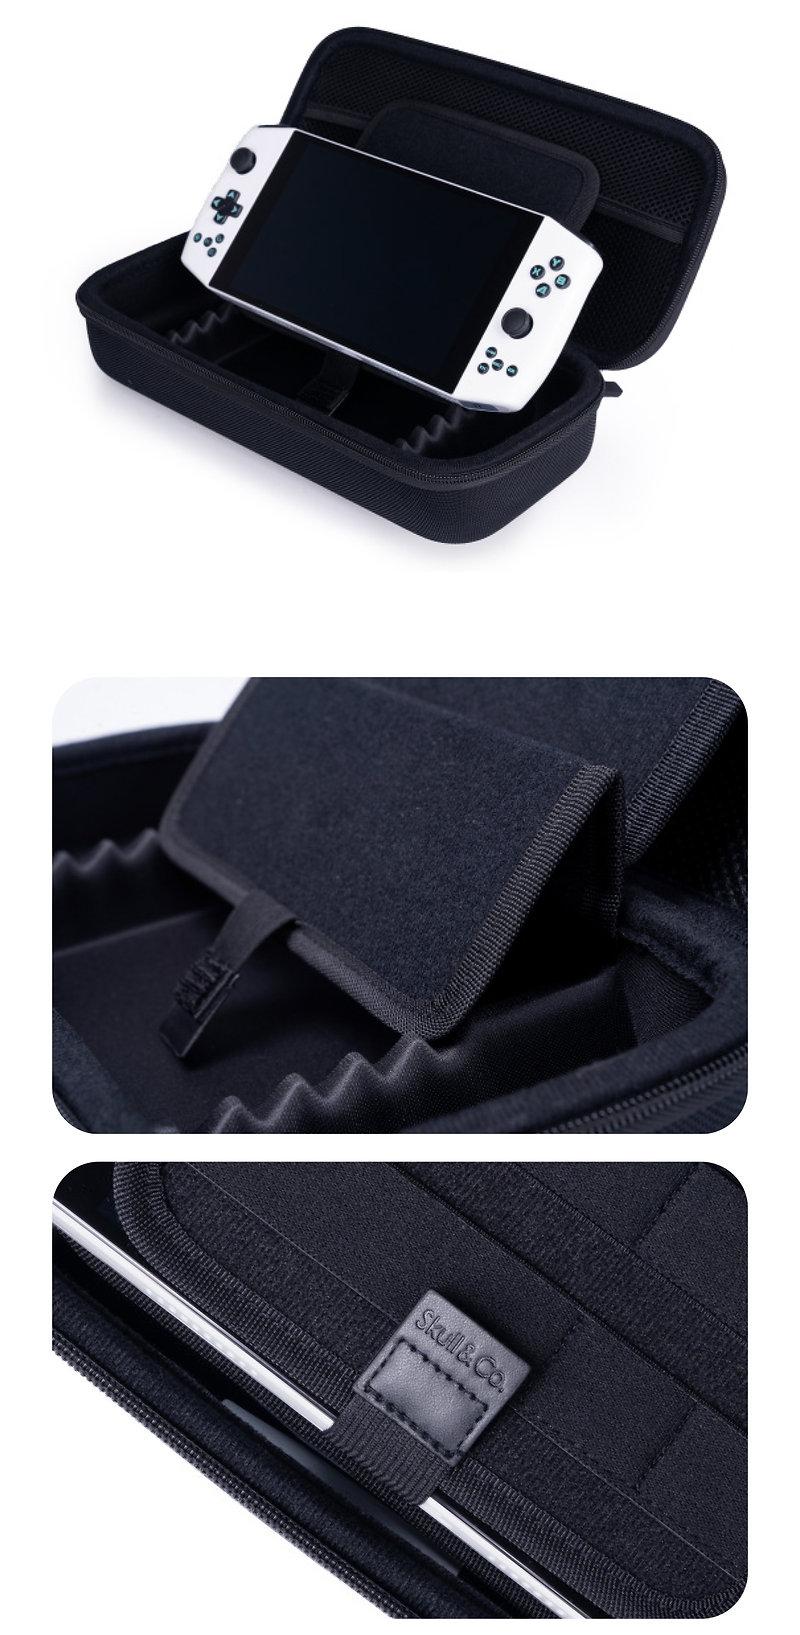 AYANEO-Storage-Bag_4.jpg